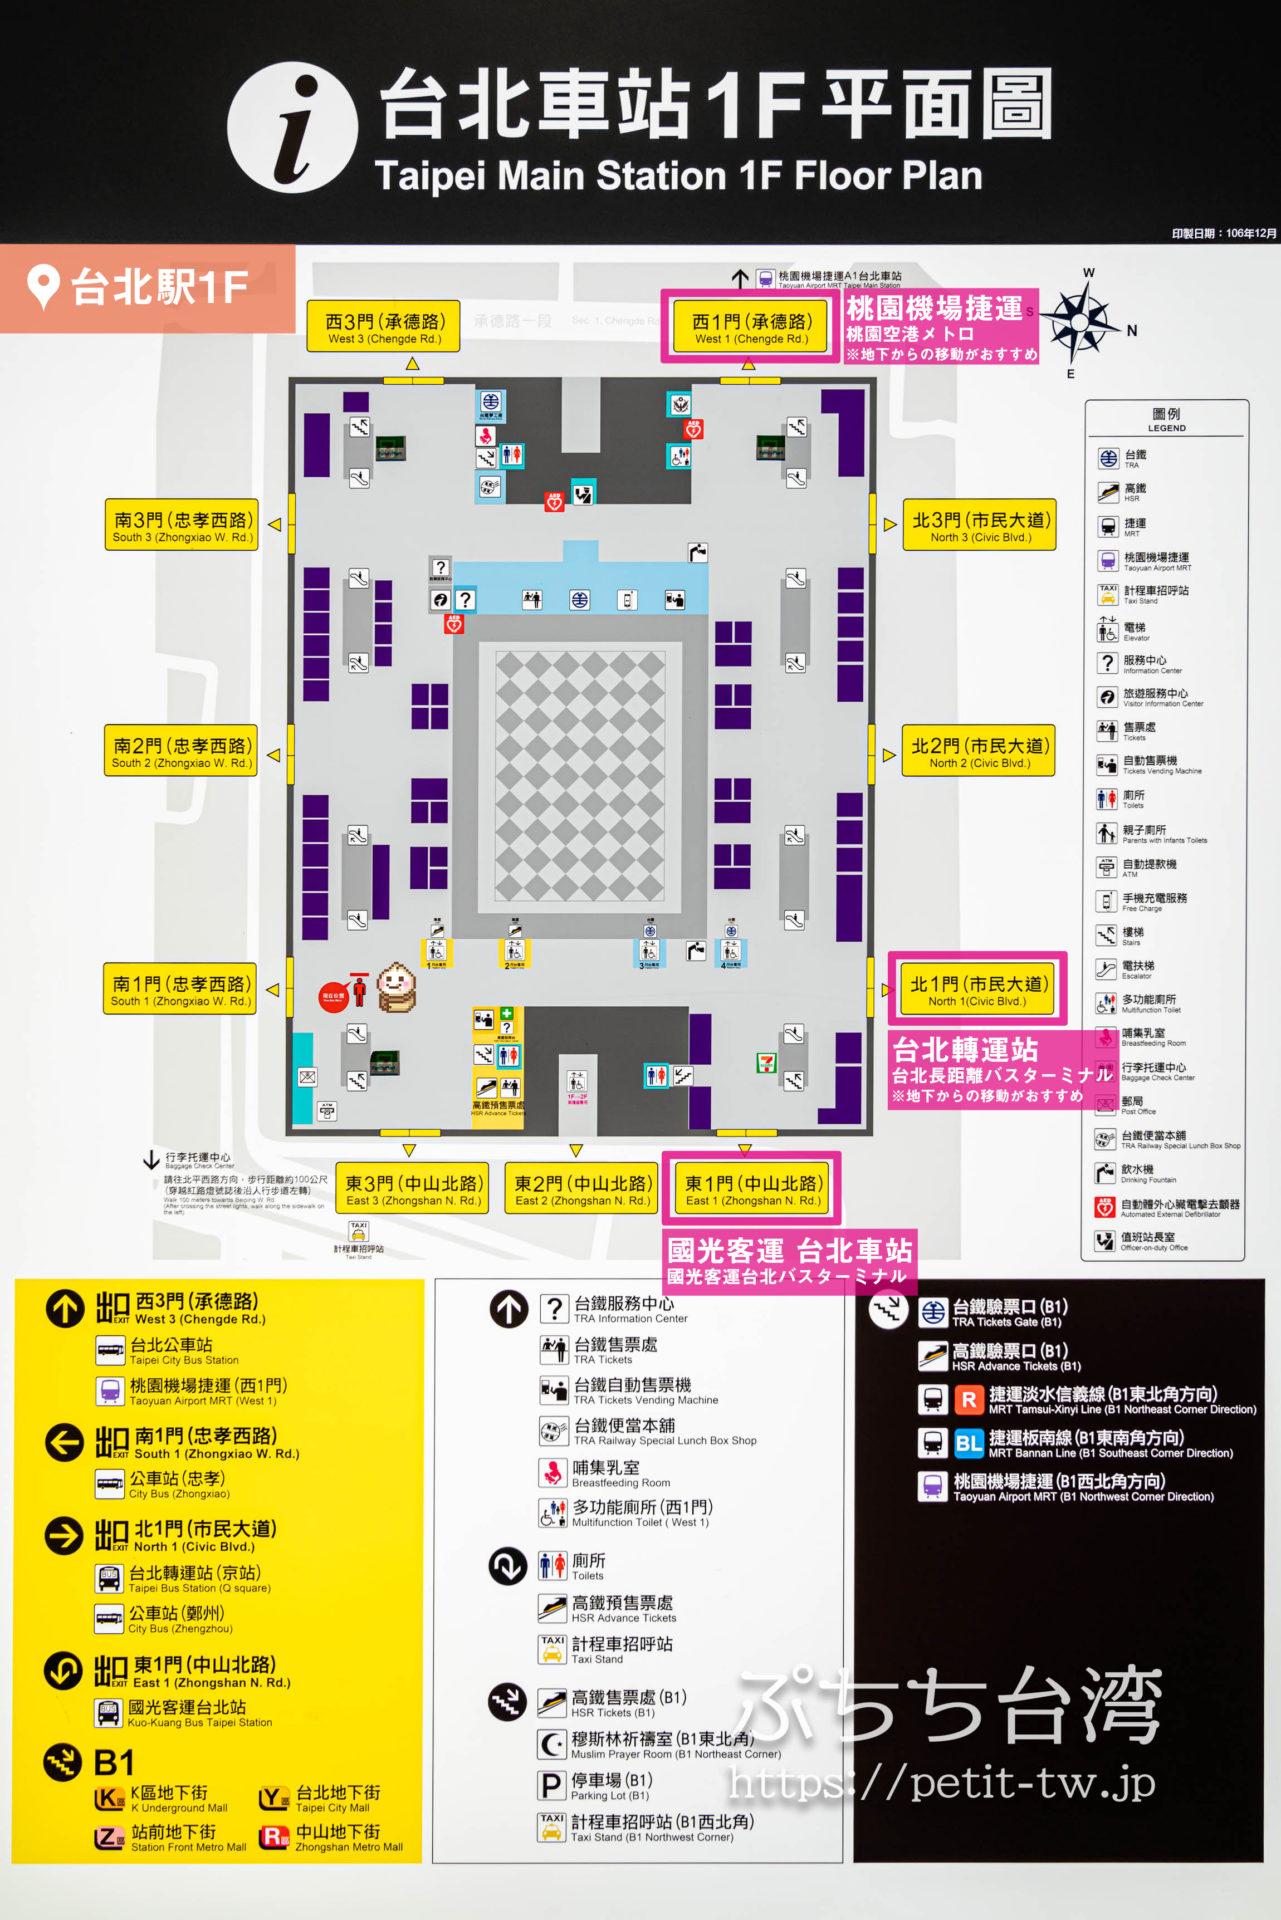 台北駅1階平面図